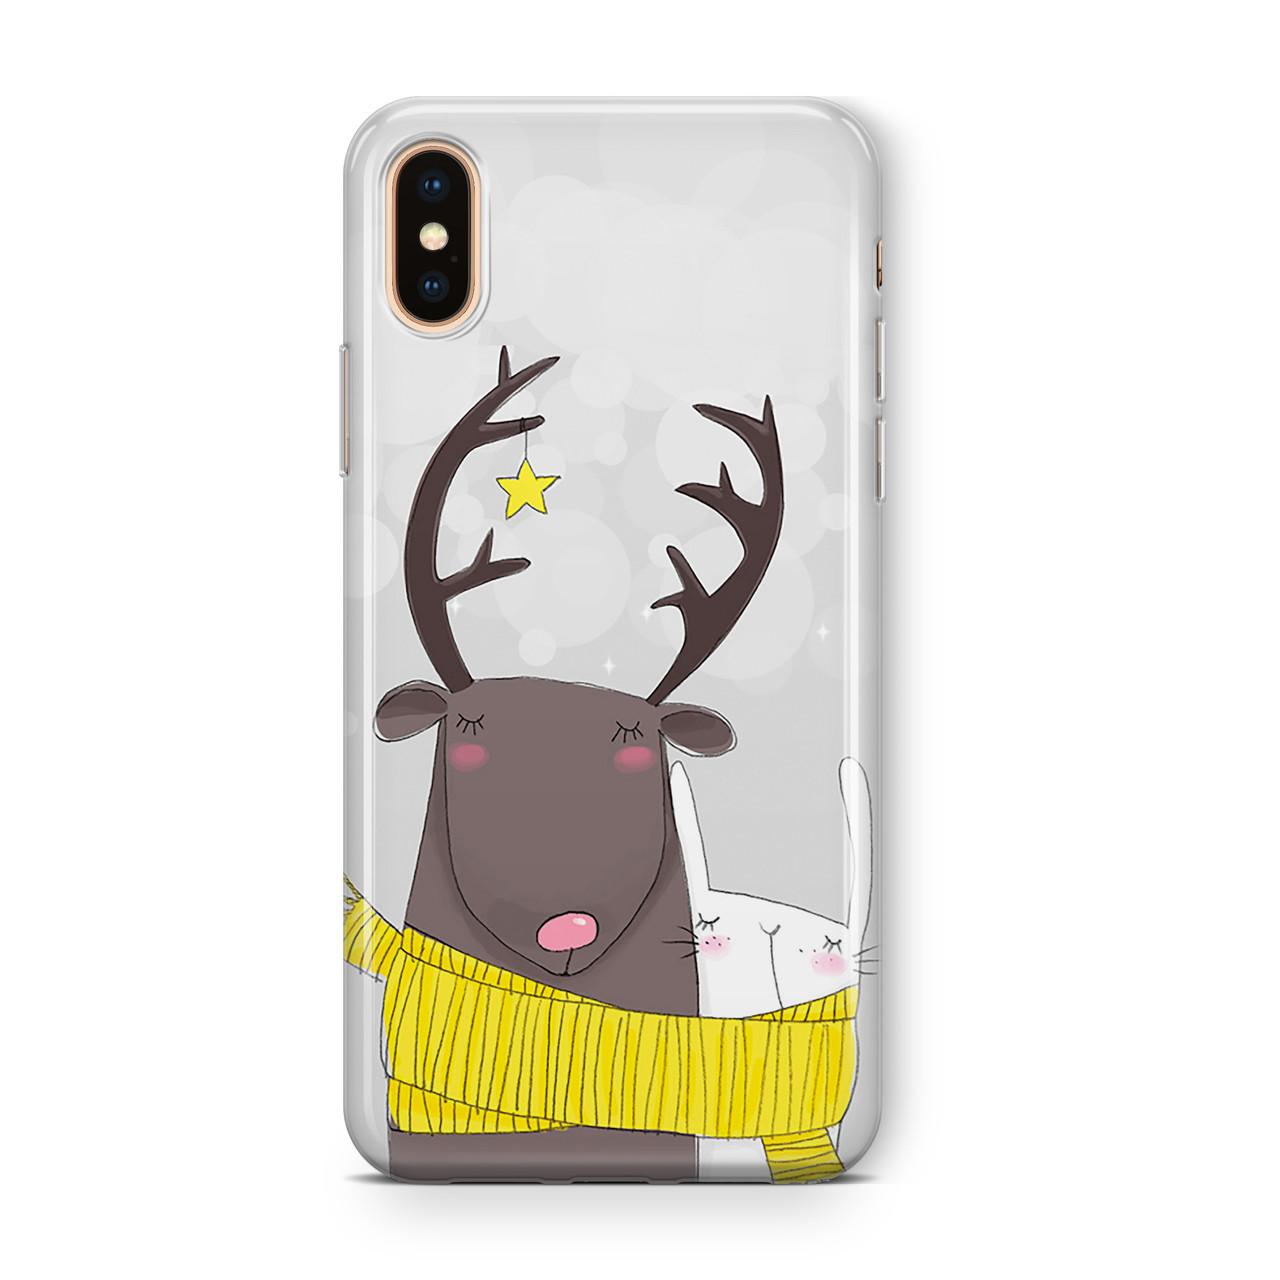 Дизайнерский пластиковый новогодний чехол для iPhone X/ XS /Xr /XS Max, с зайчиком и оленем в шарфе